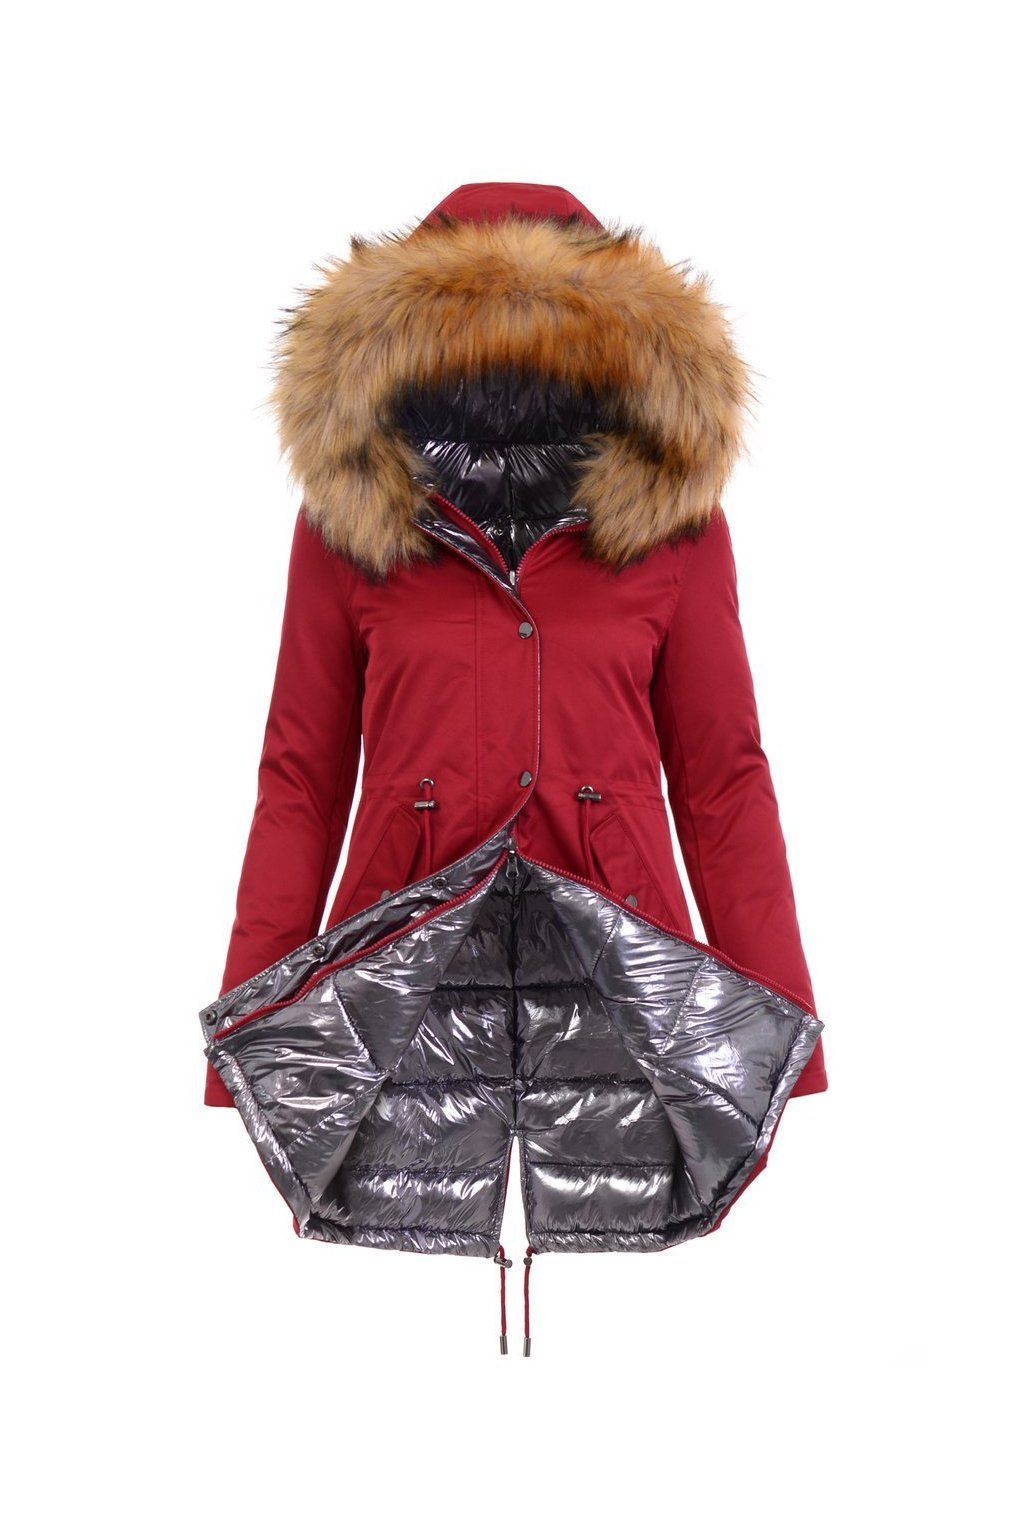 Obojstranná dámska zimná bunda 4842 červená